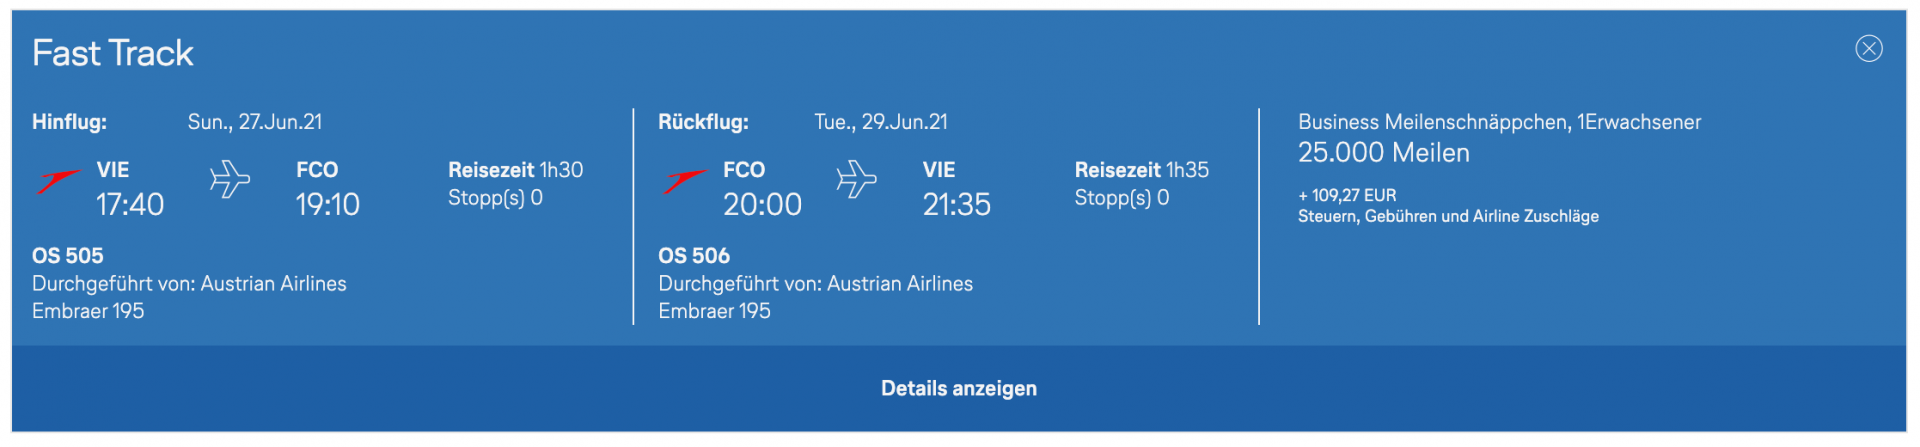 Austrian Airlines Meilenschnäppchen Business